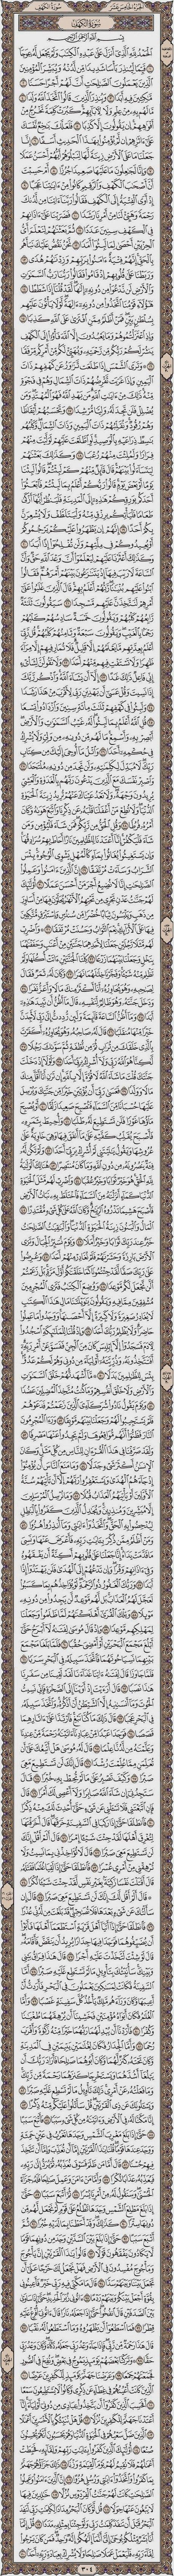 بخط كبير القرآن الكريم سورة الكهف كاملة بالصور